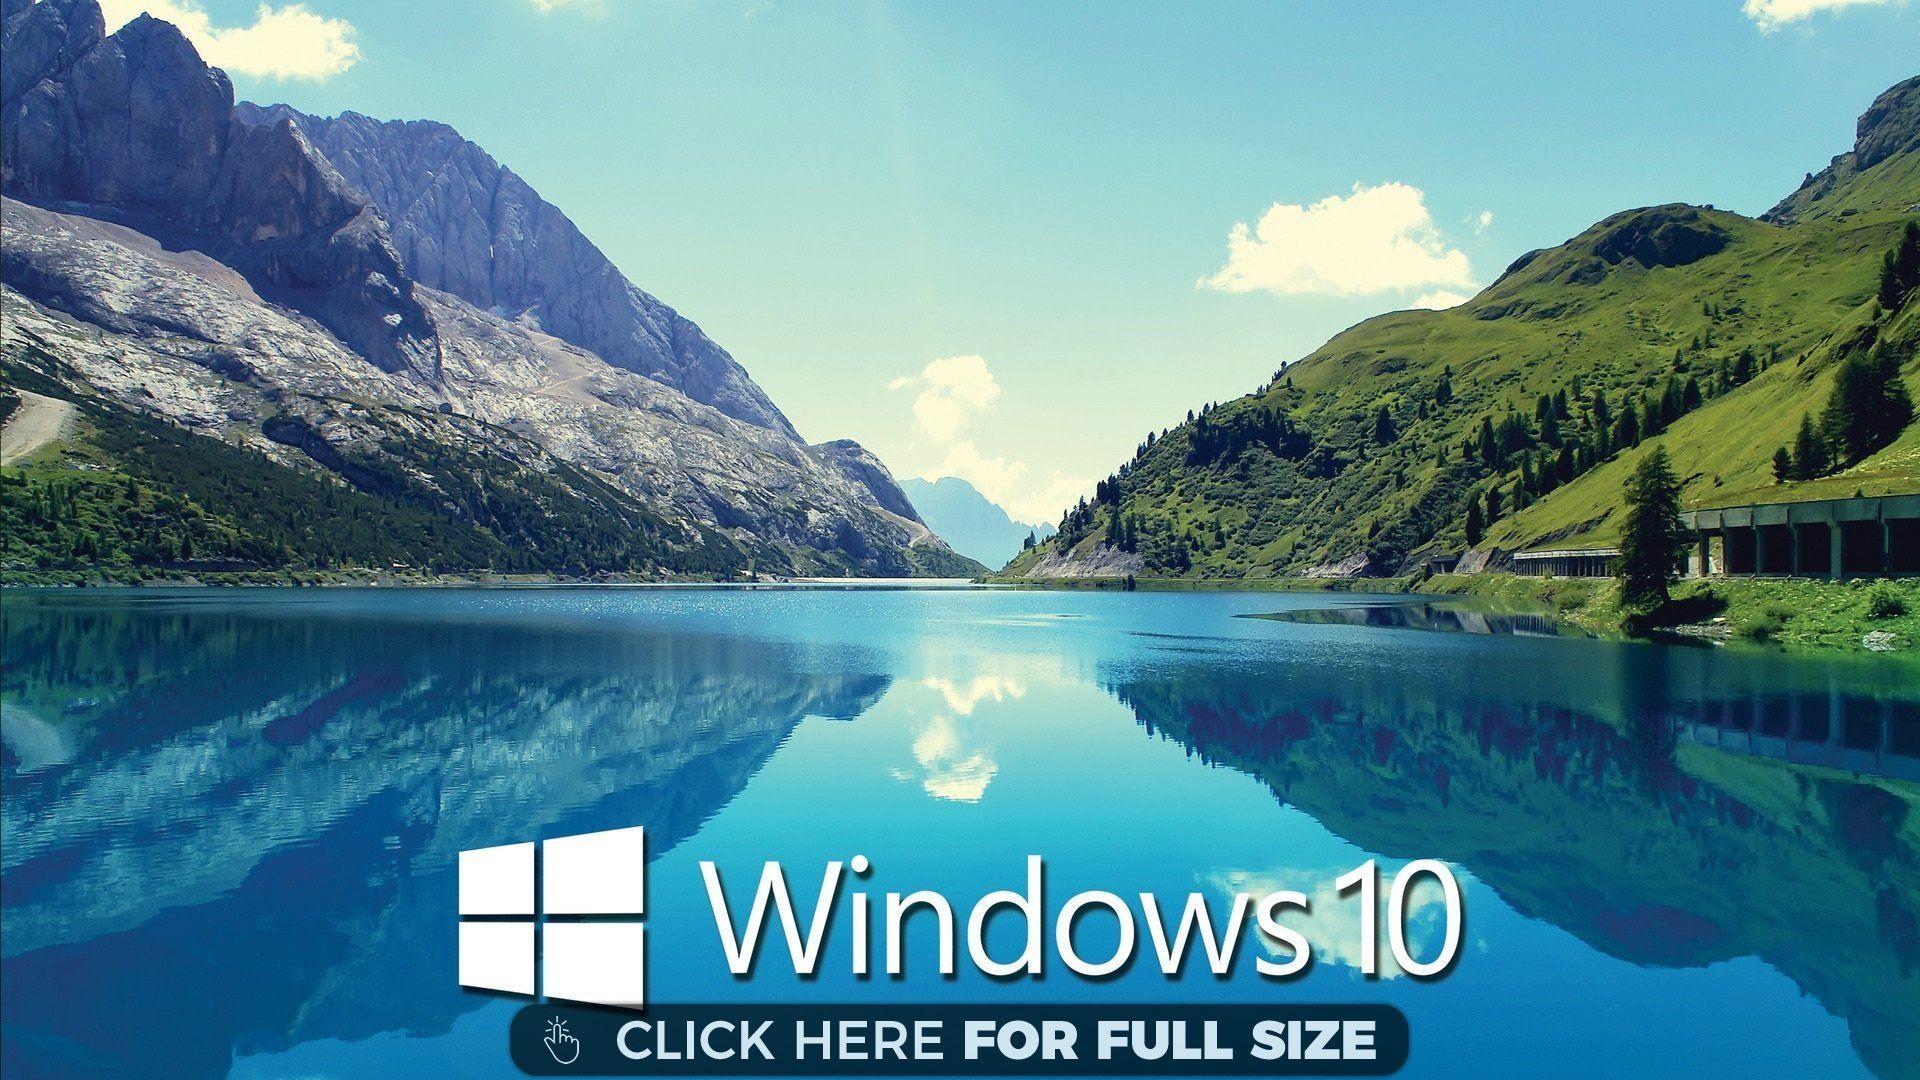 Pin By Ariyan Ripon On Wallpaper Windows 10 In 2020 Wallpaper Windows 10 Windows 10 Nature Wallpaper